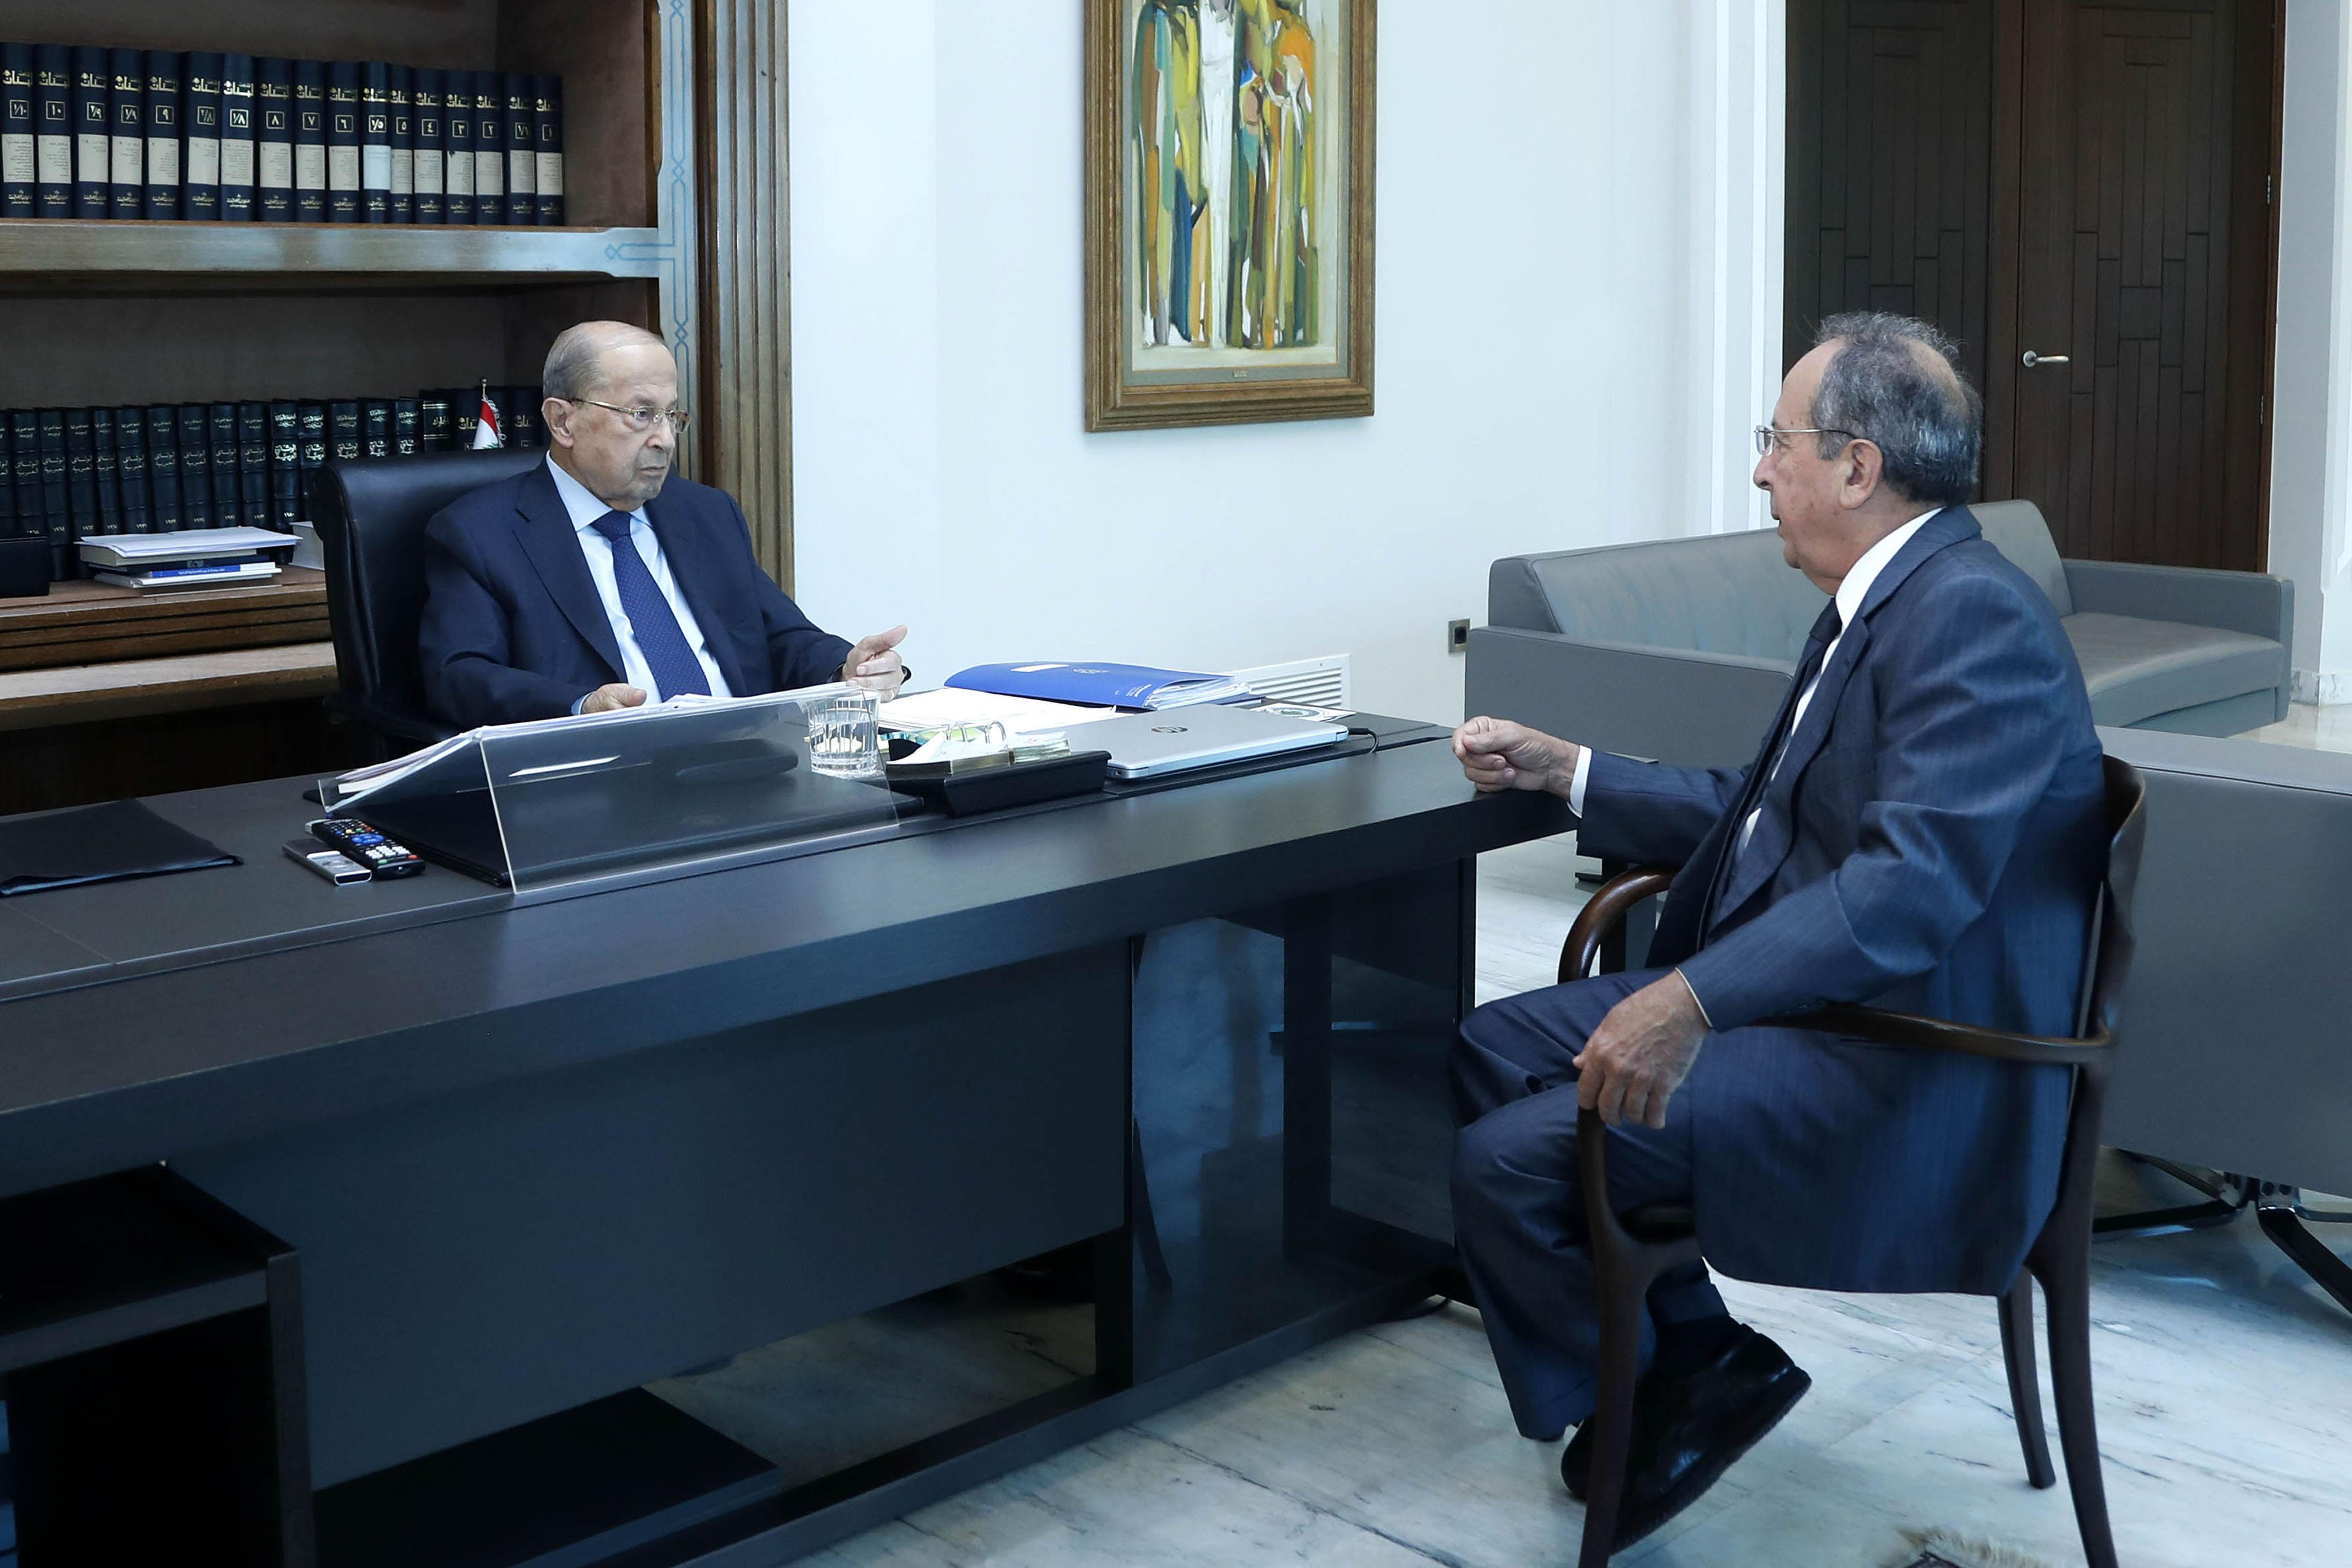 MP Jamil El Sayid copy